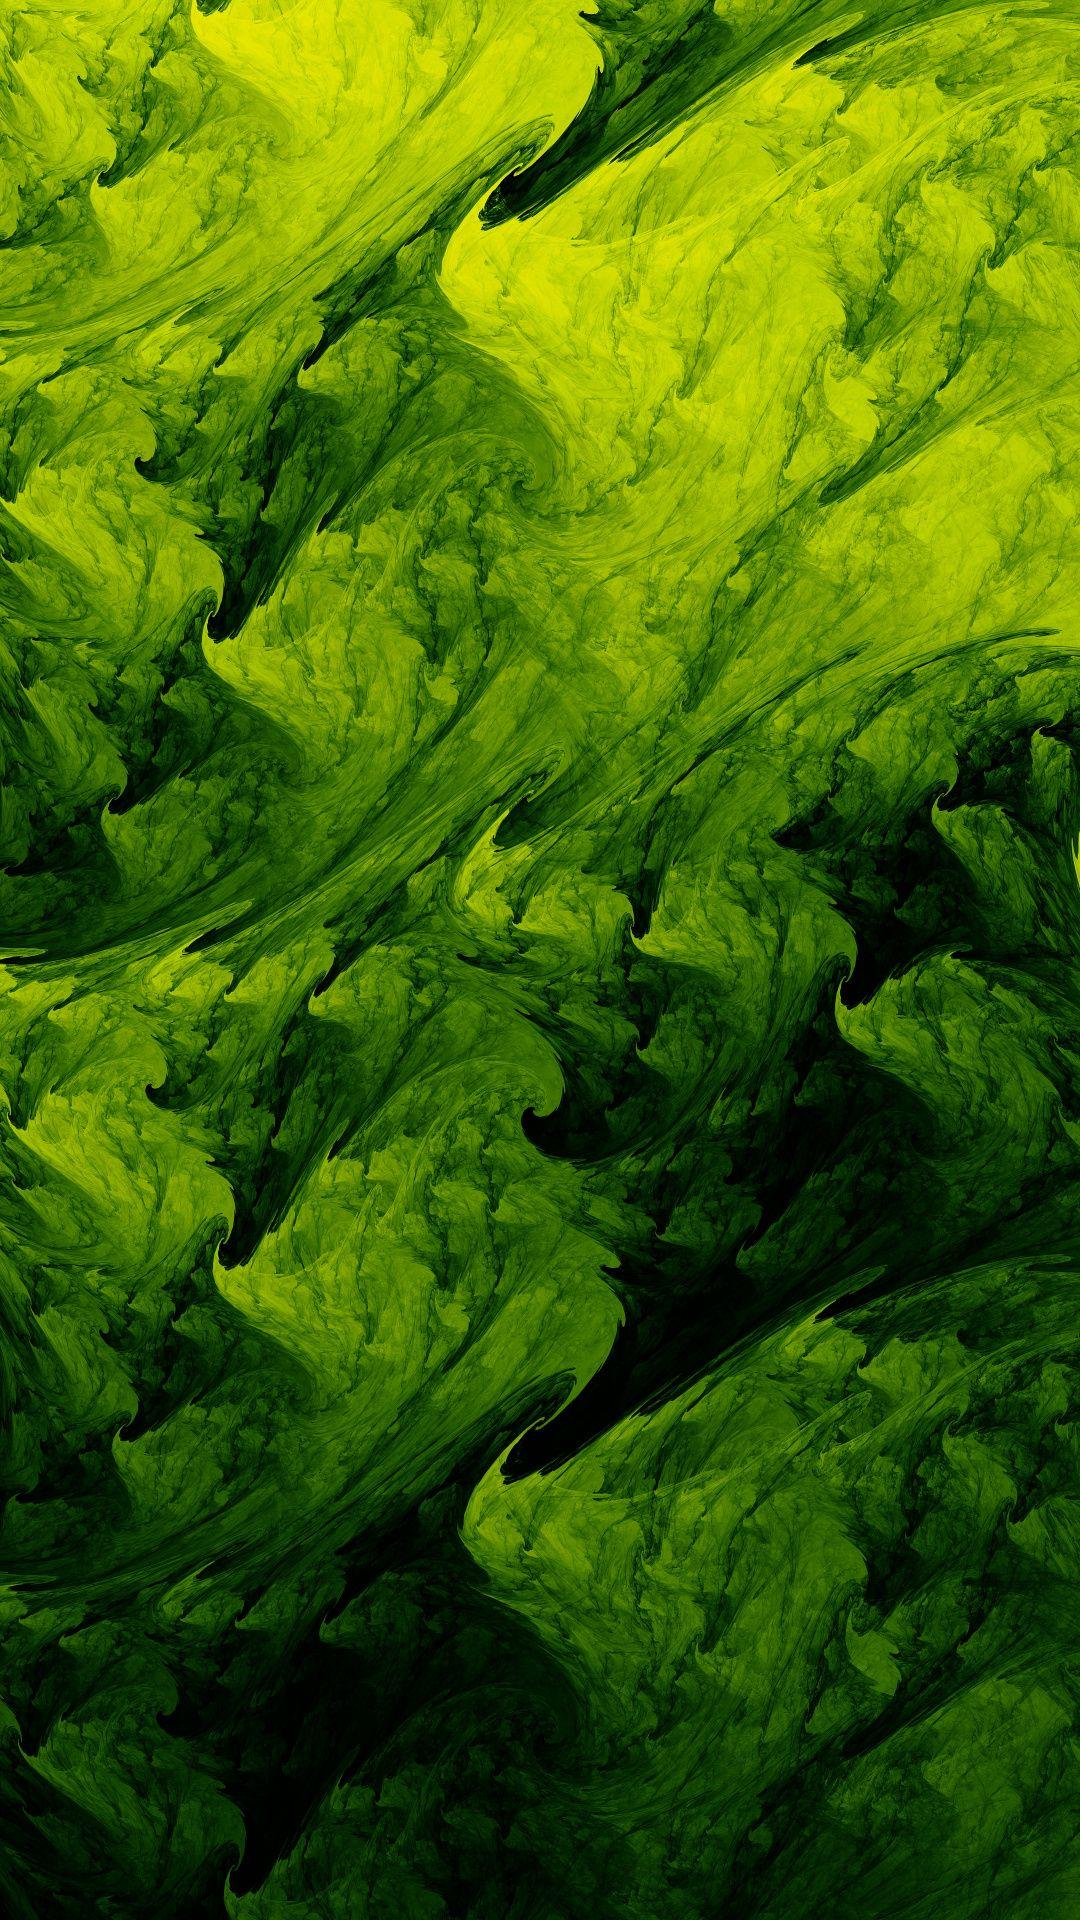 Wallpapers flower, green algae, green, vegetation